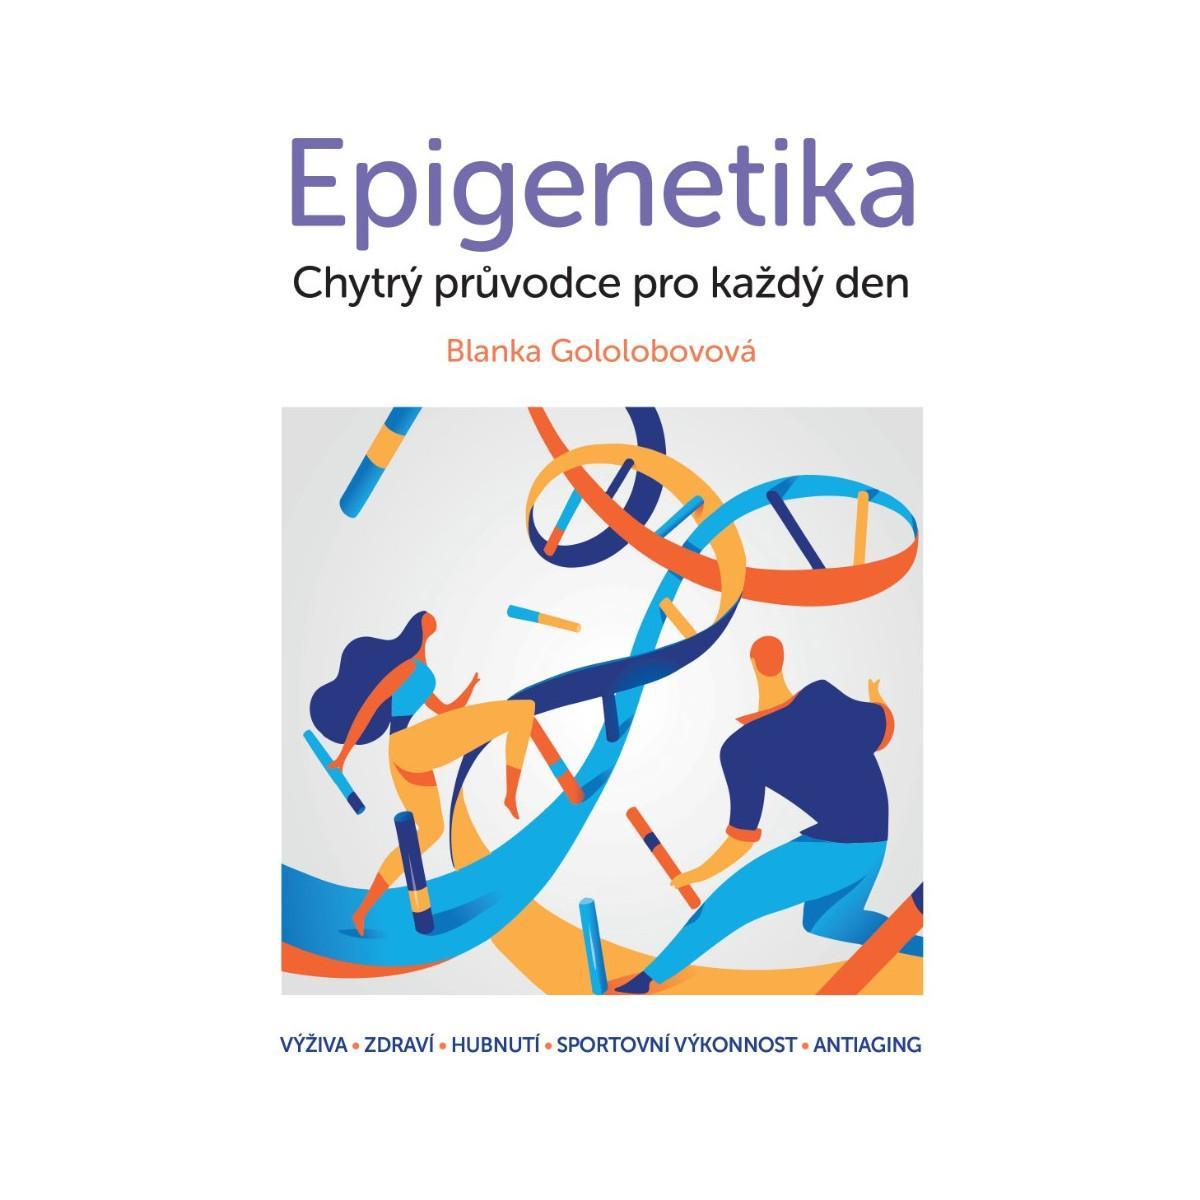 Epigenetika chytrý průvodce pro každý den od Blue Step